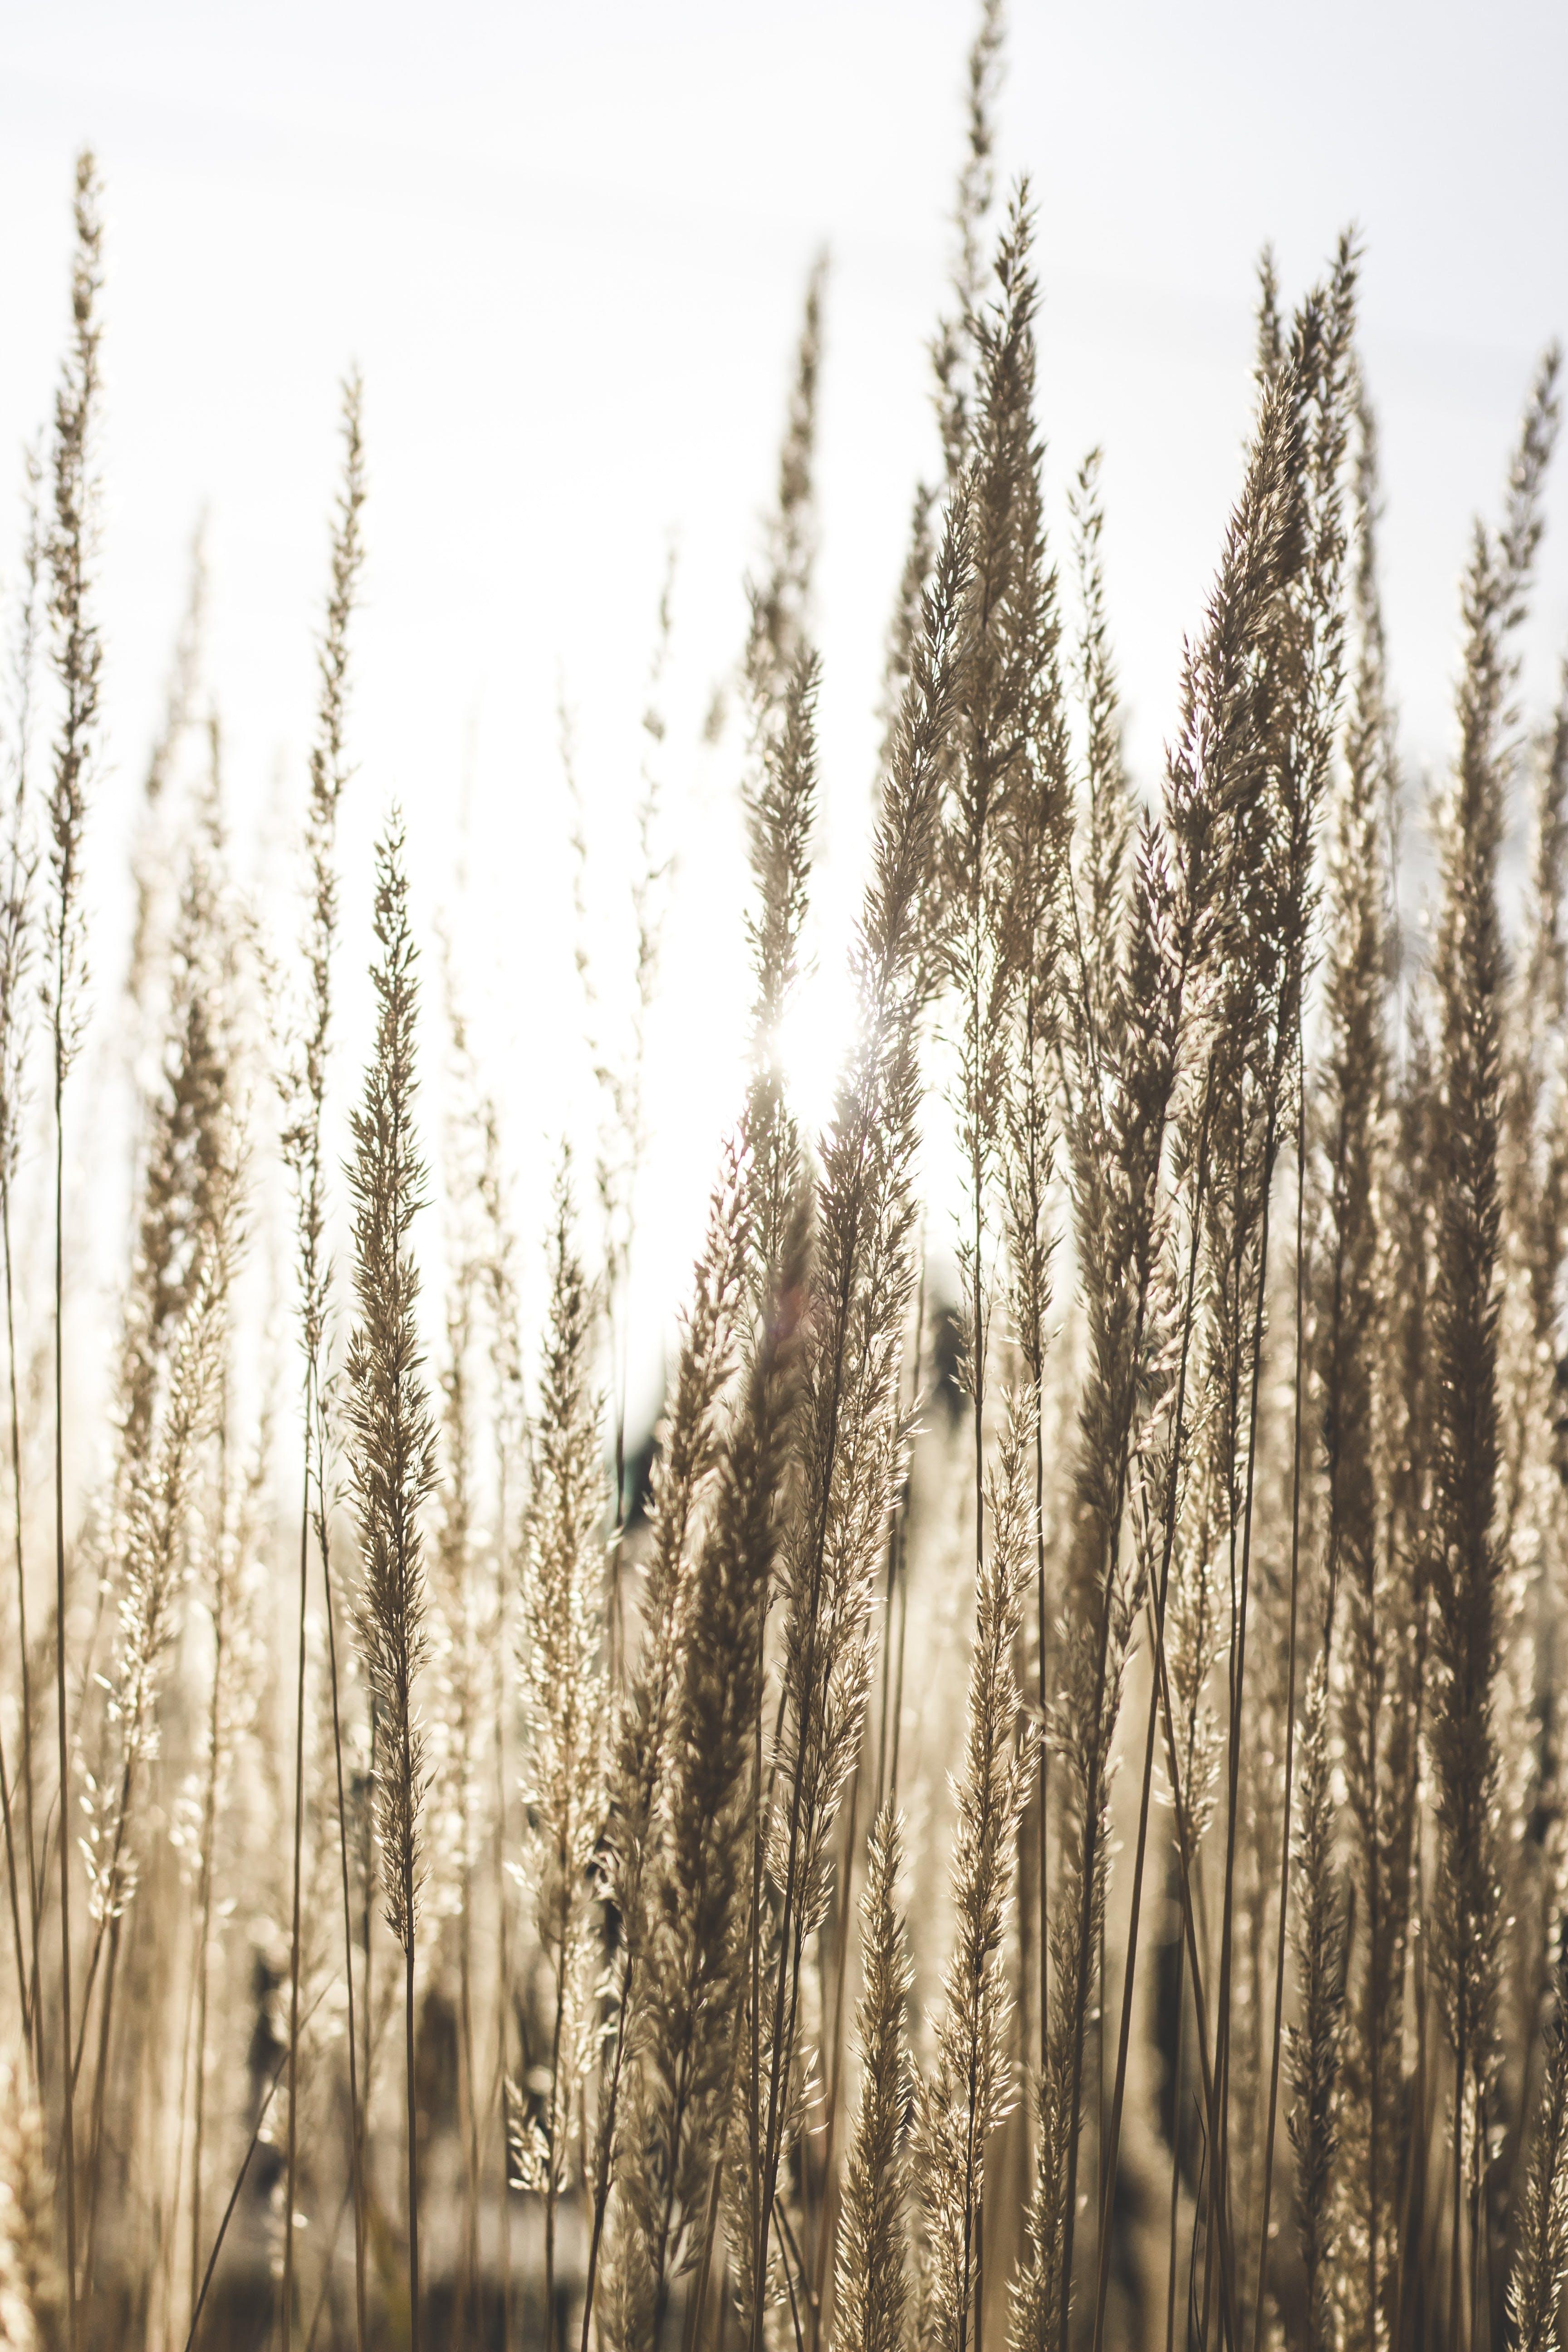 ファーム, 作物, 小麦畑, 小麦草の無料の写真素材